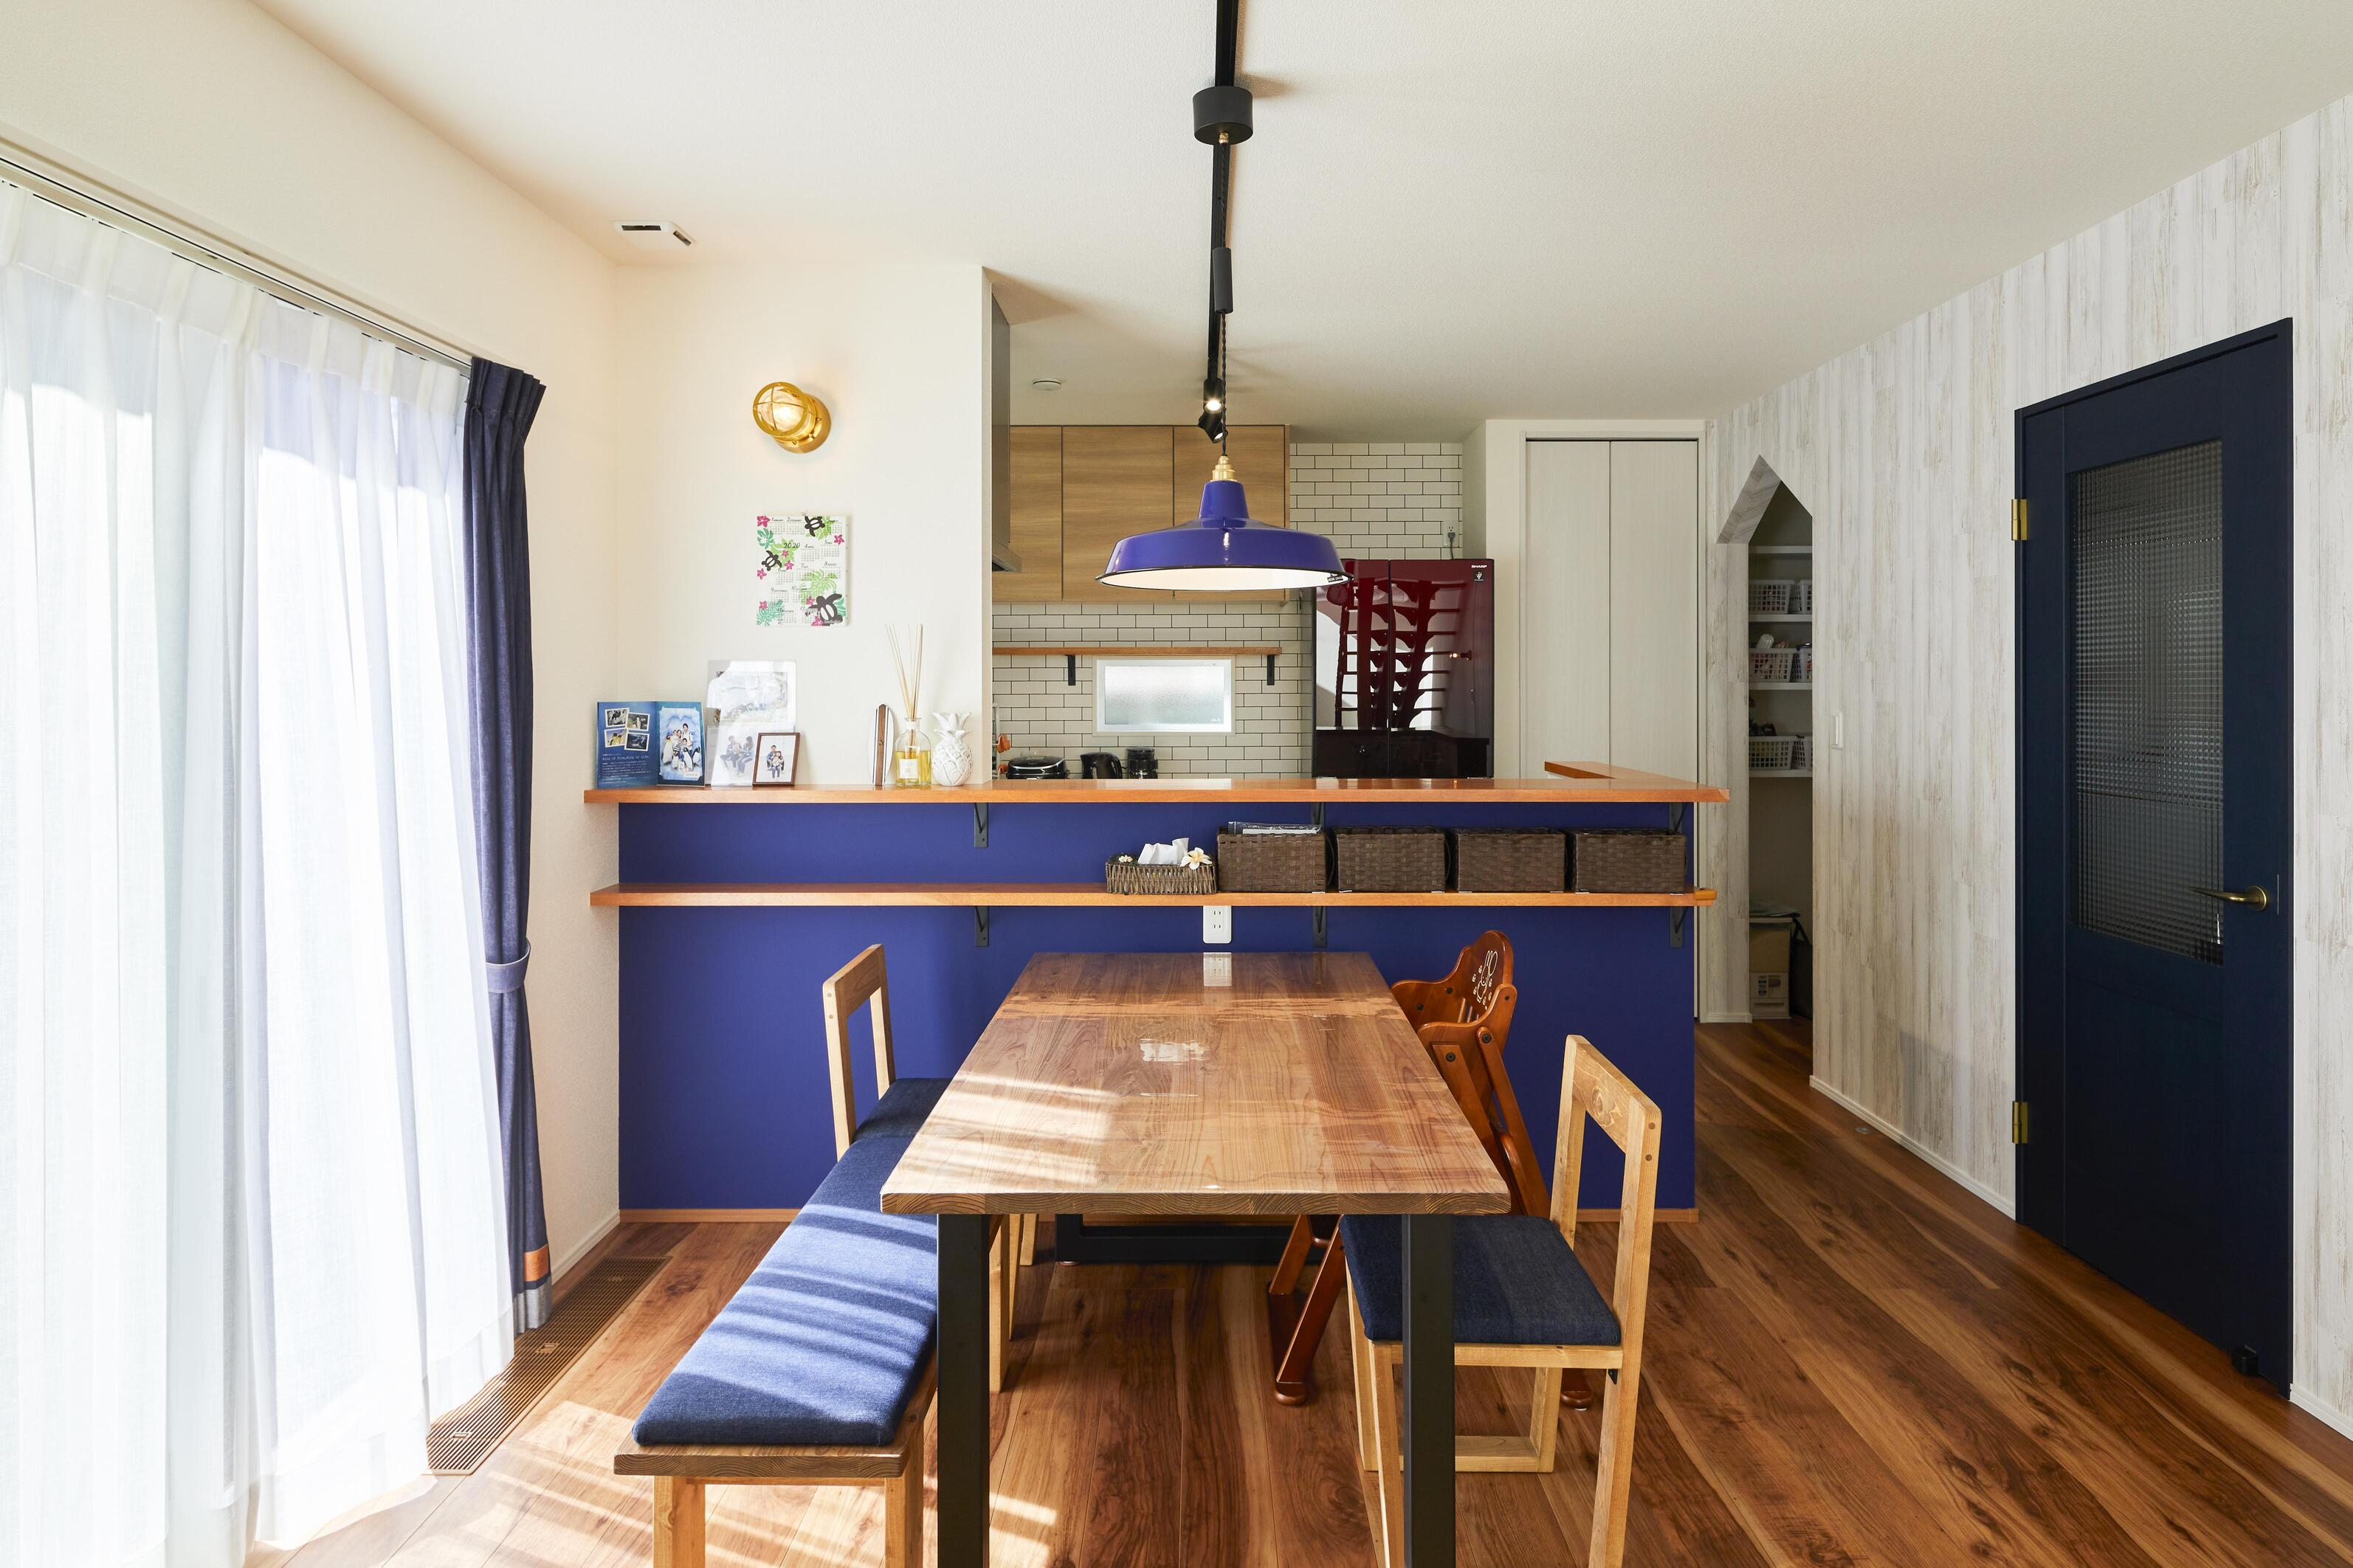 ネイビーをアクセントに取り入れたキッチン。棚も取り付けちょっとした小物を置くのに便利